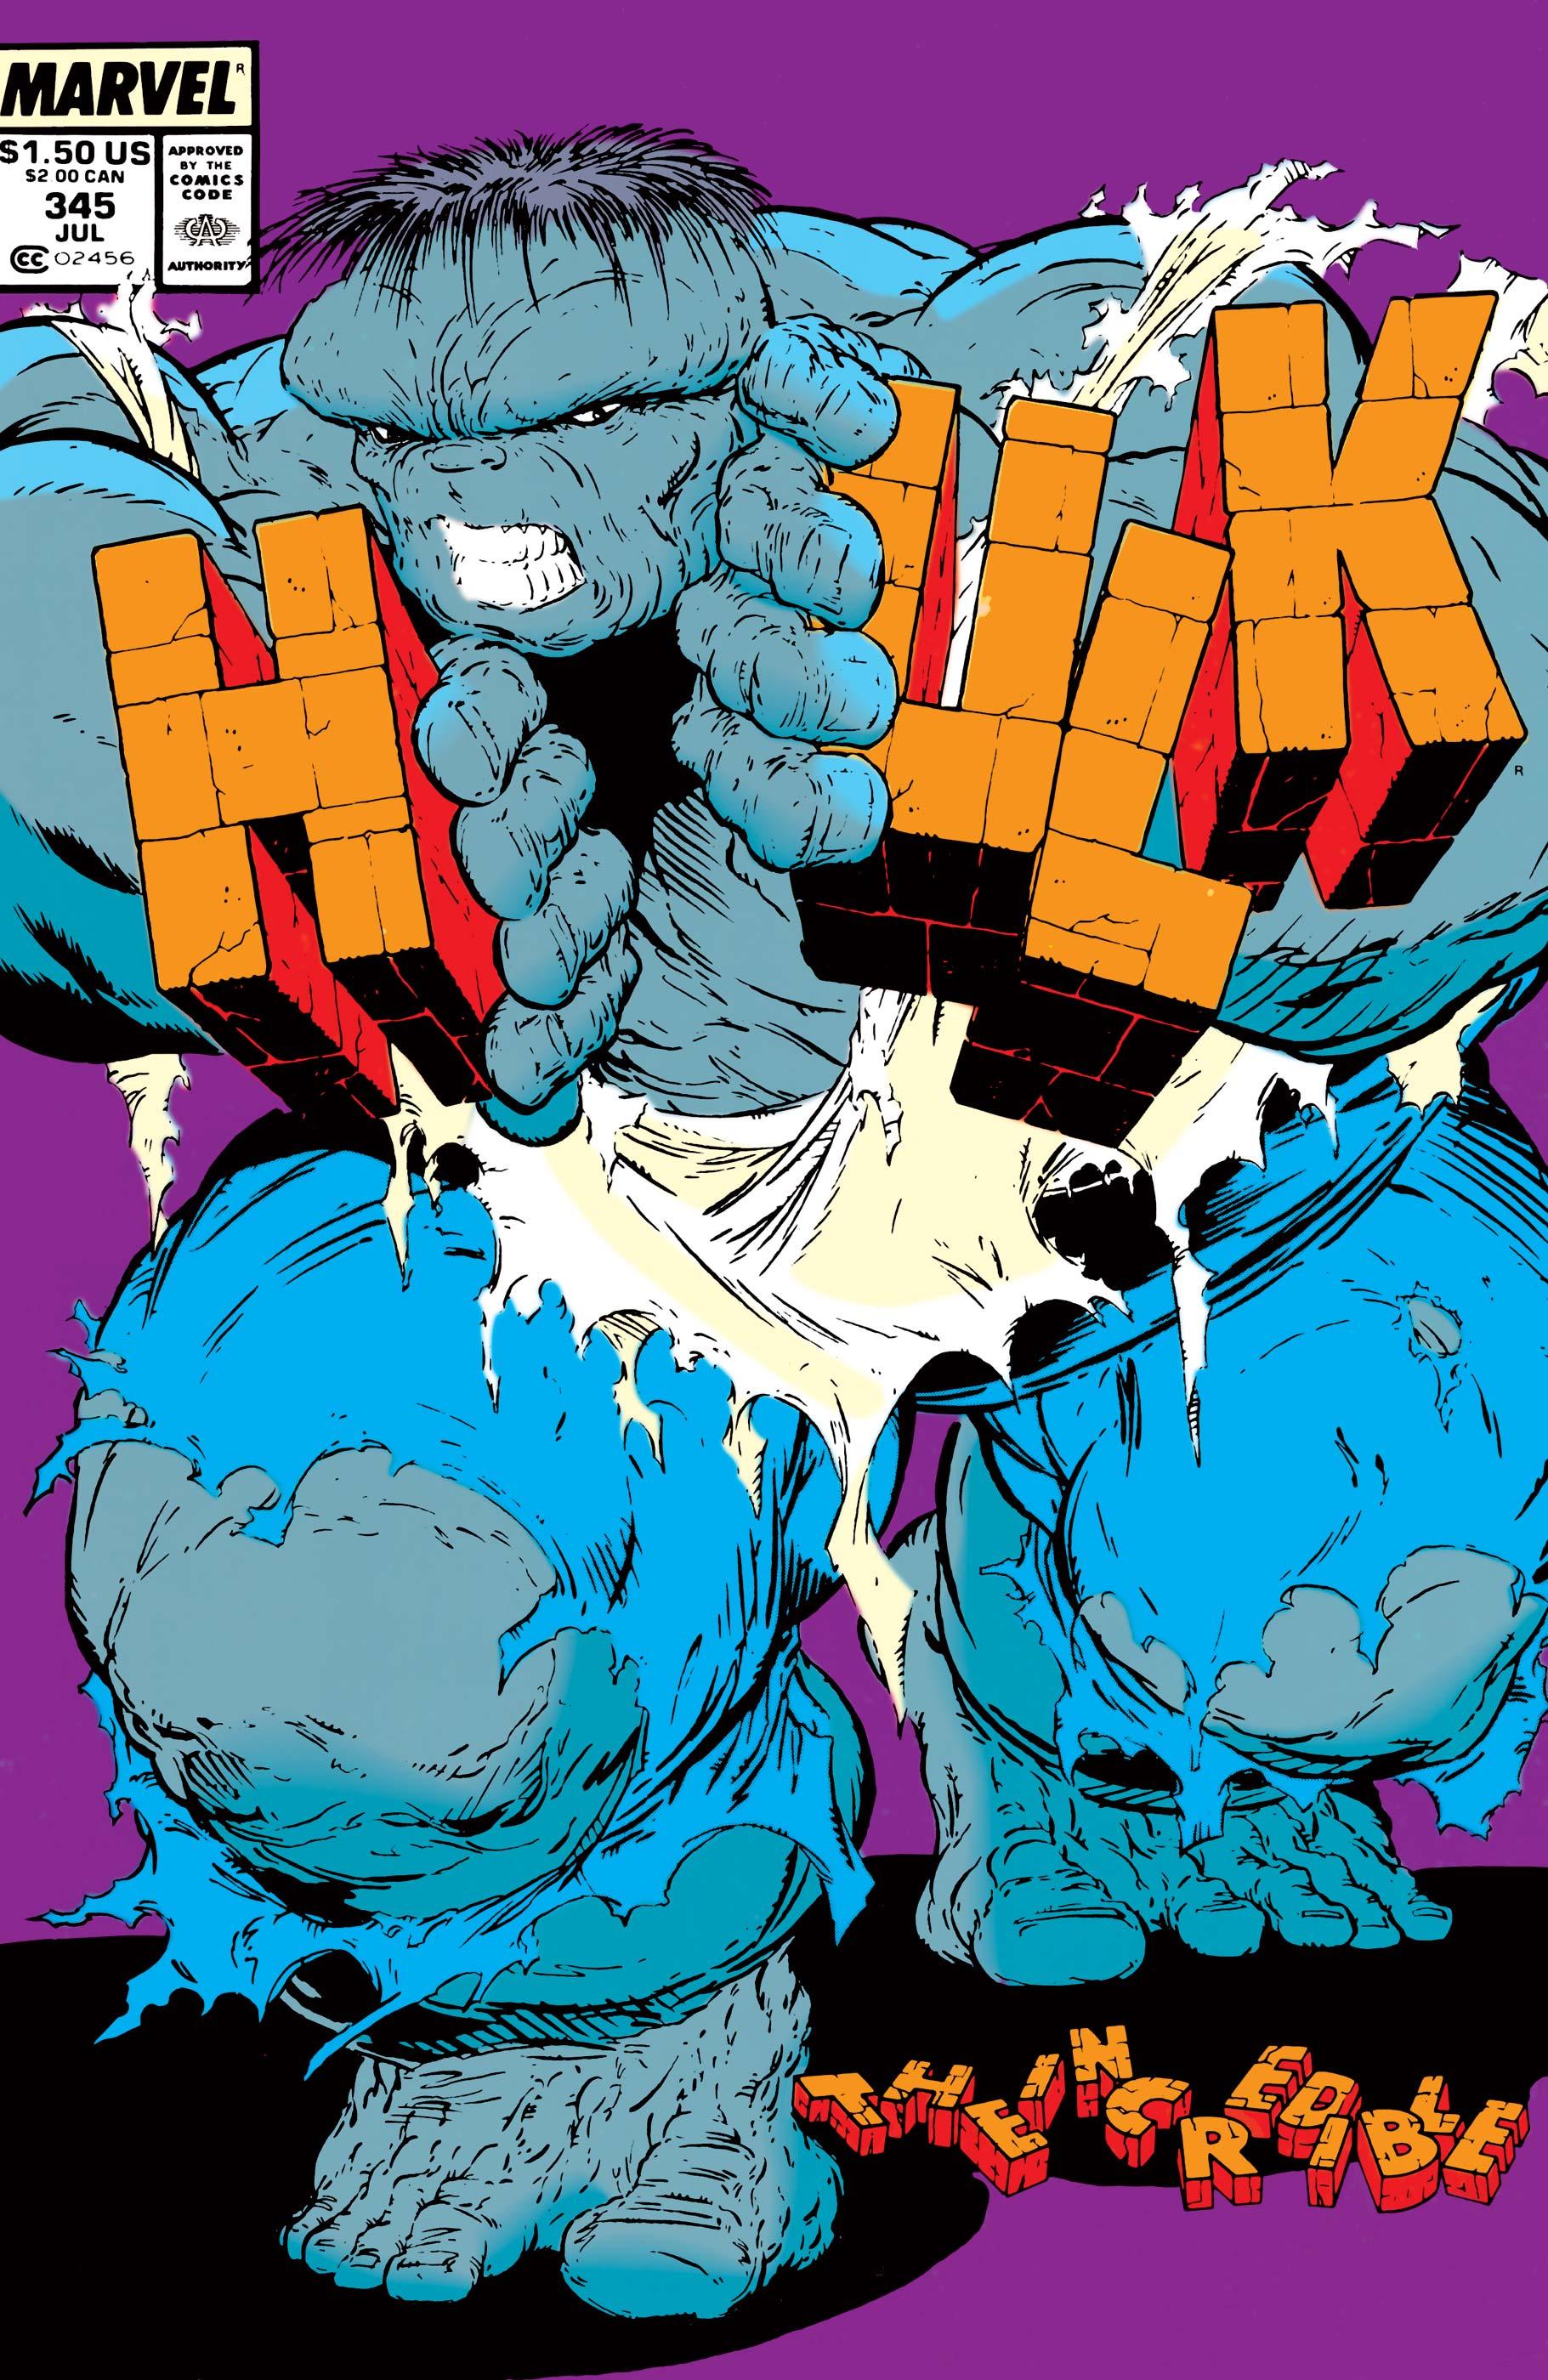 Incredible Hulk (1962) #345